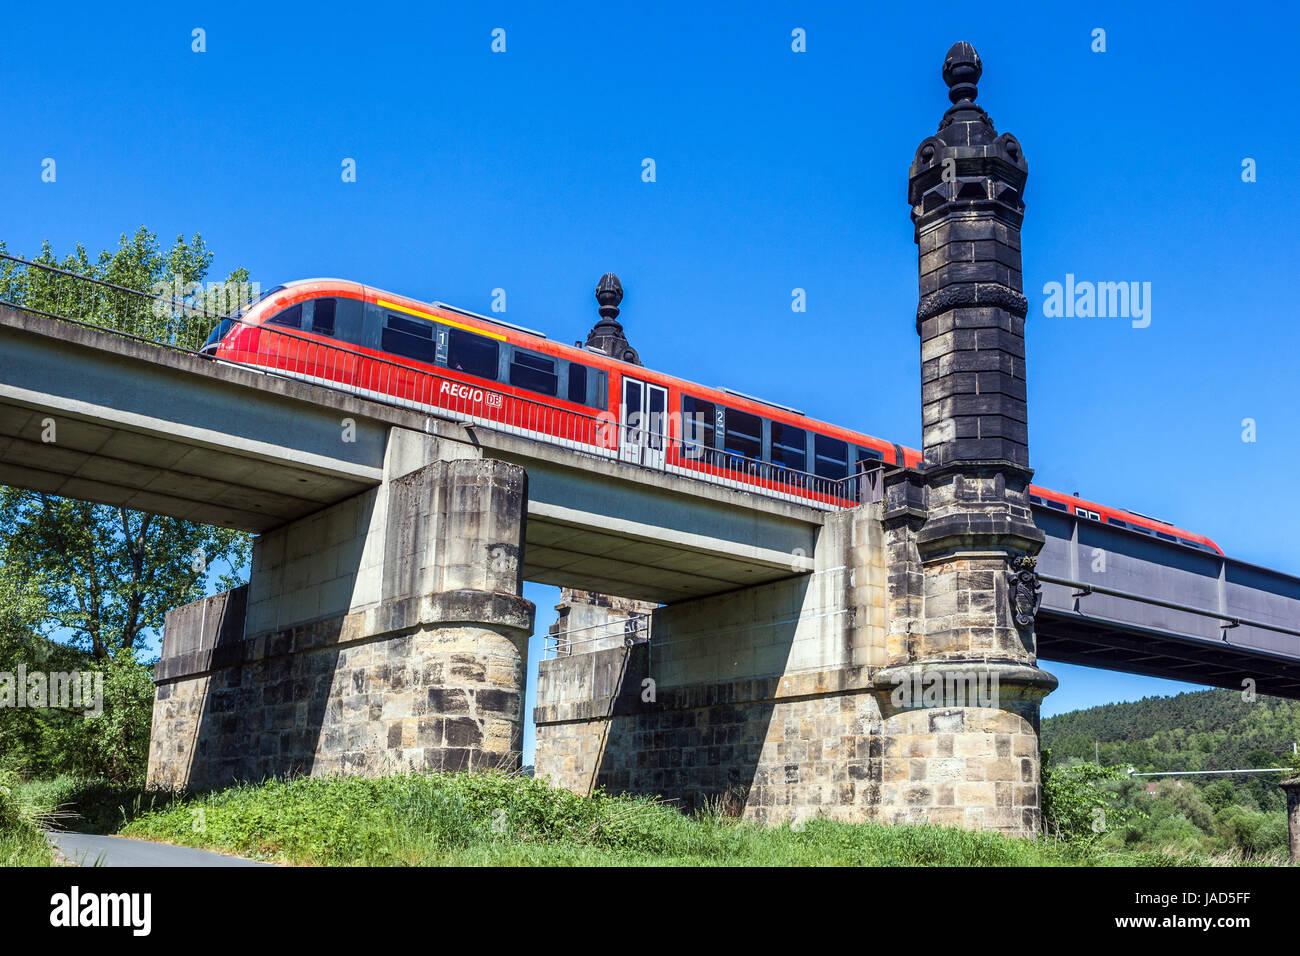 Regionalzug vorbeifahrenden Bahn zu überbrücken, Bad Schandau, Sächsische Schweiz, Deutschland, Europa Stockbild